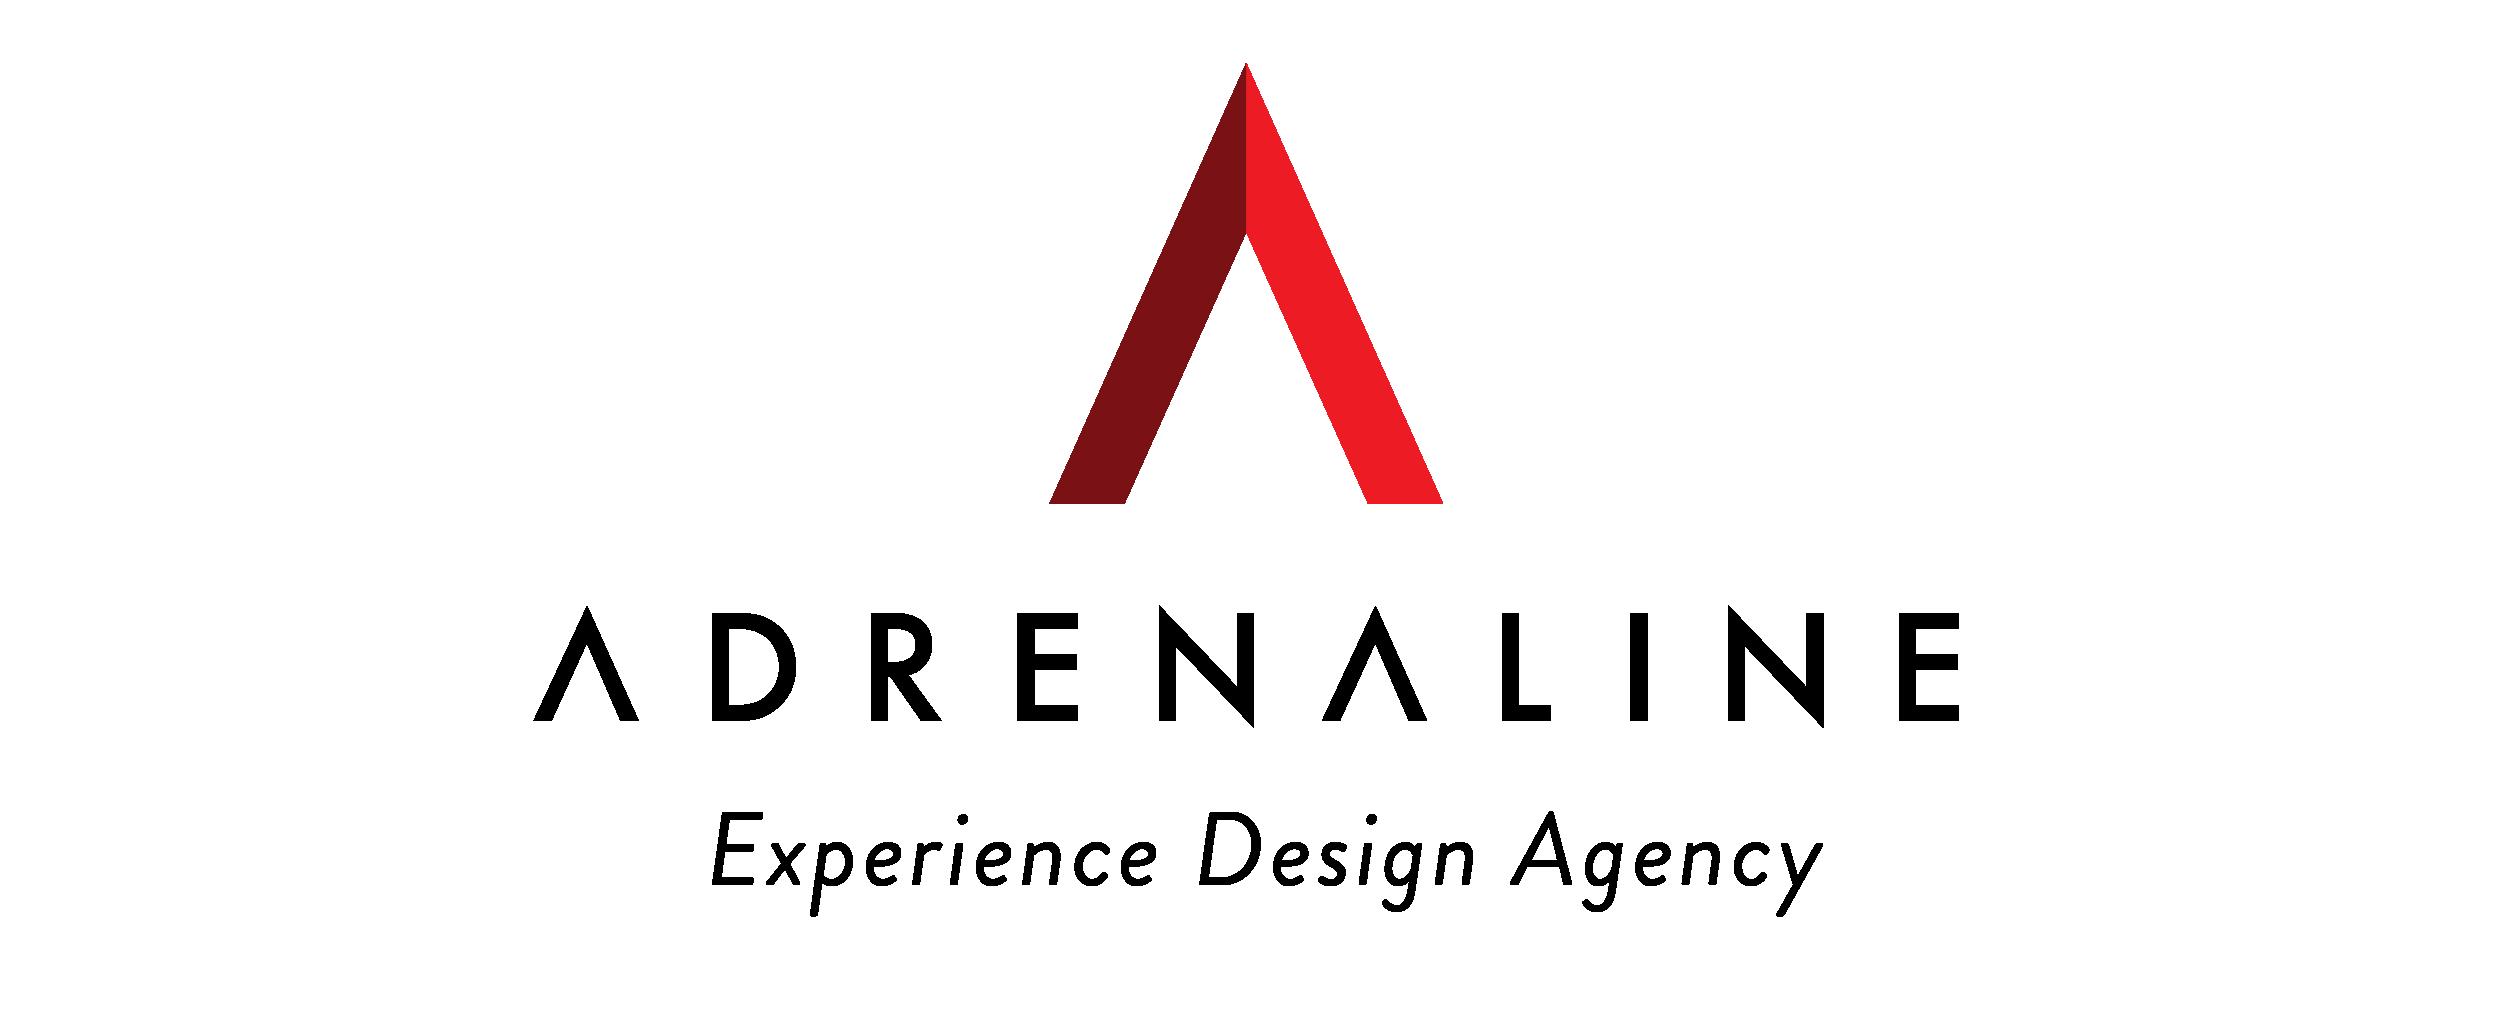 AdrenalineLogo-01.png